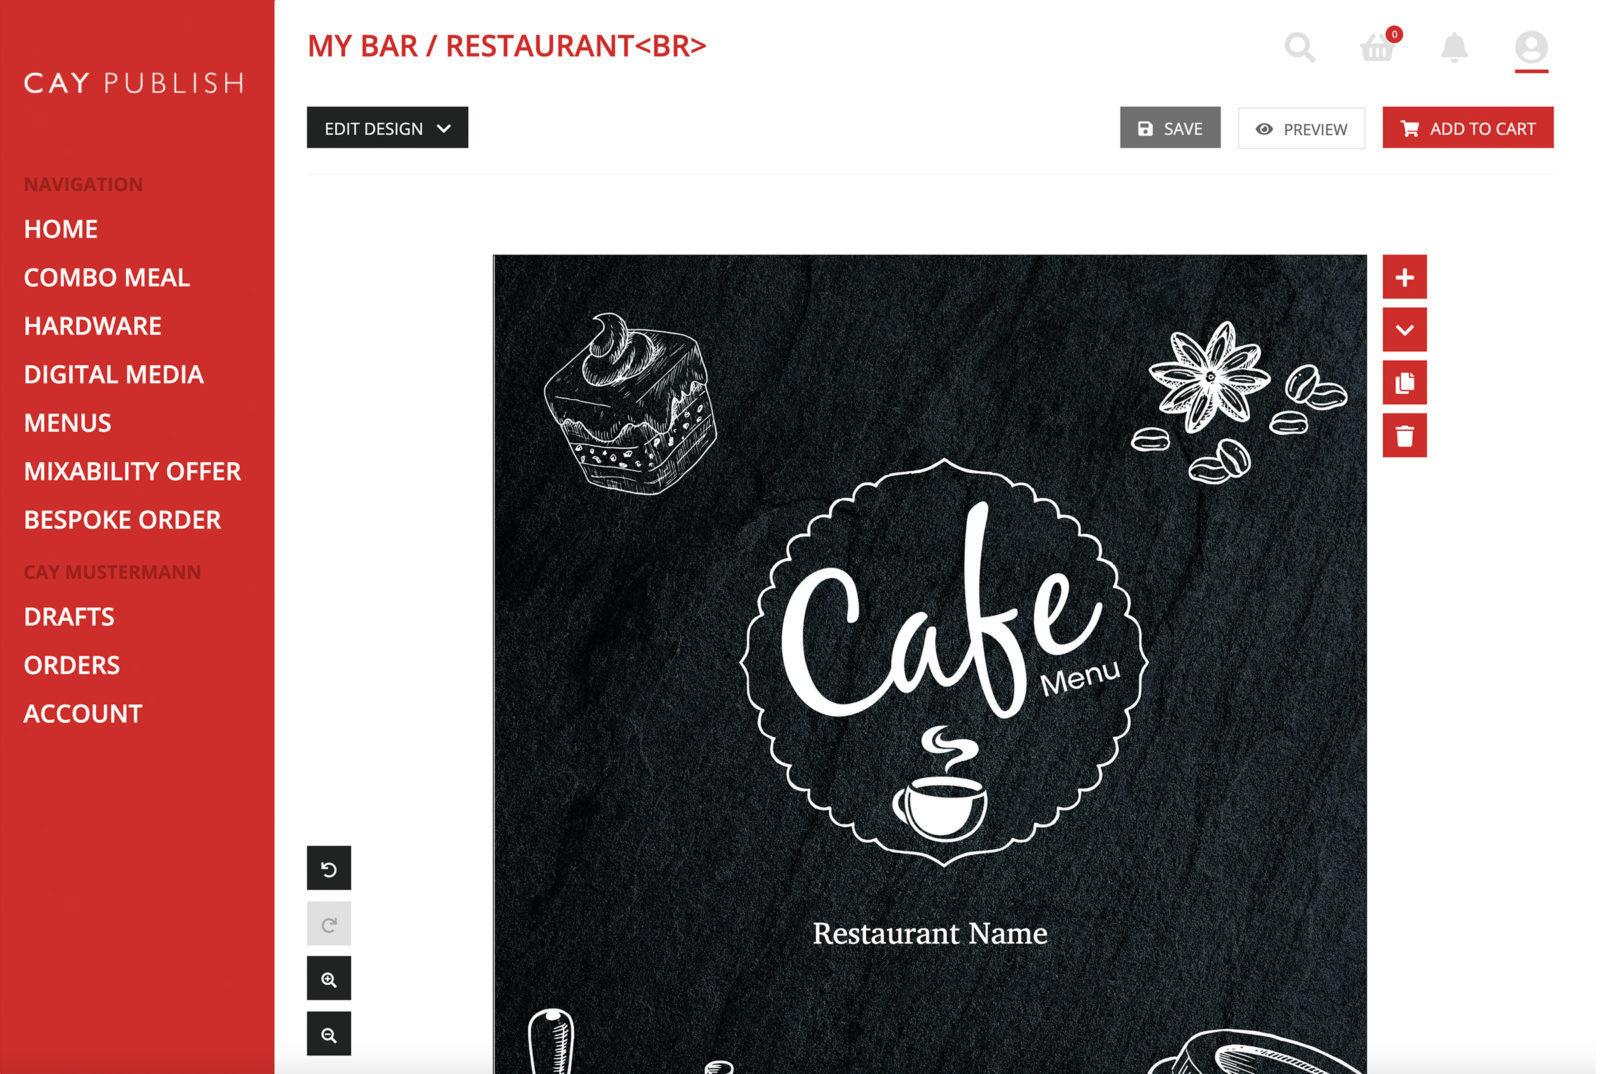 menu card in CAY PUBLISH